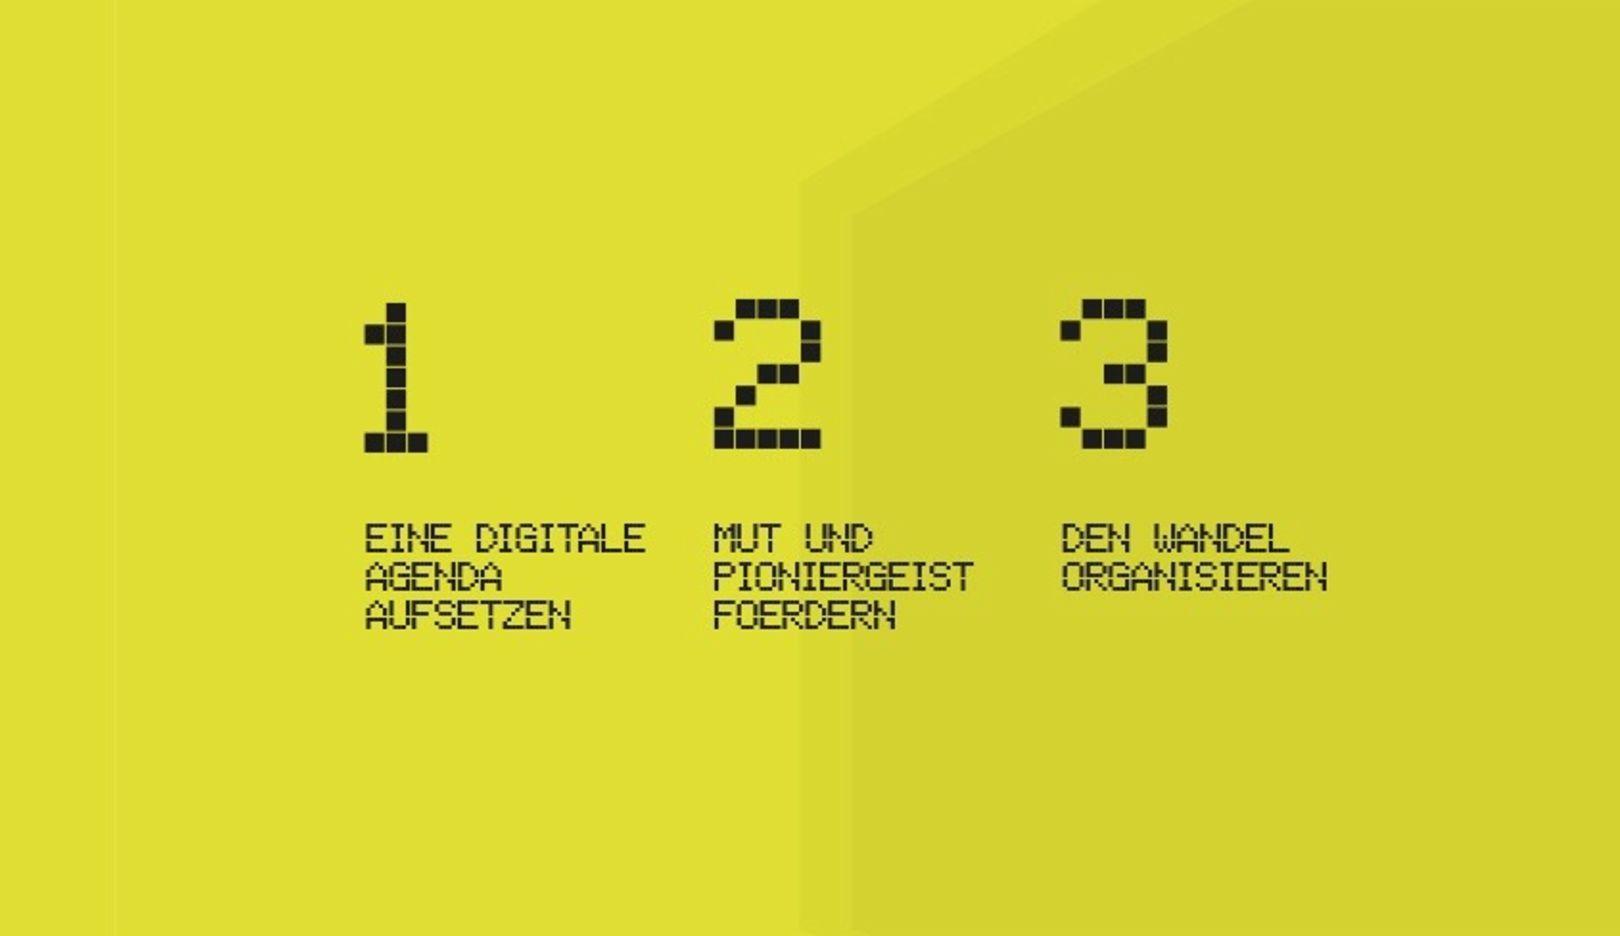 Digitaler Wandel, 2016, Porsche Consulting GmbH